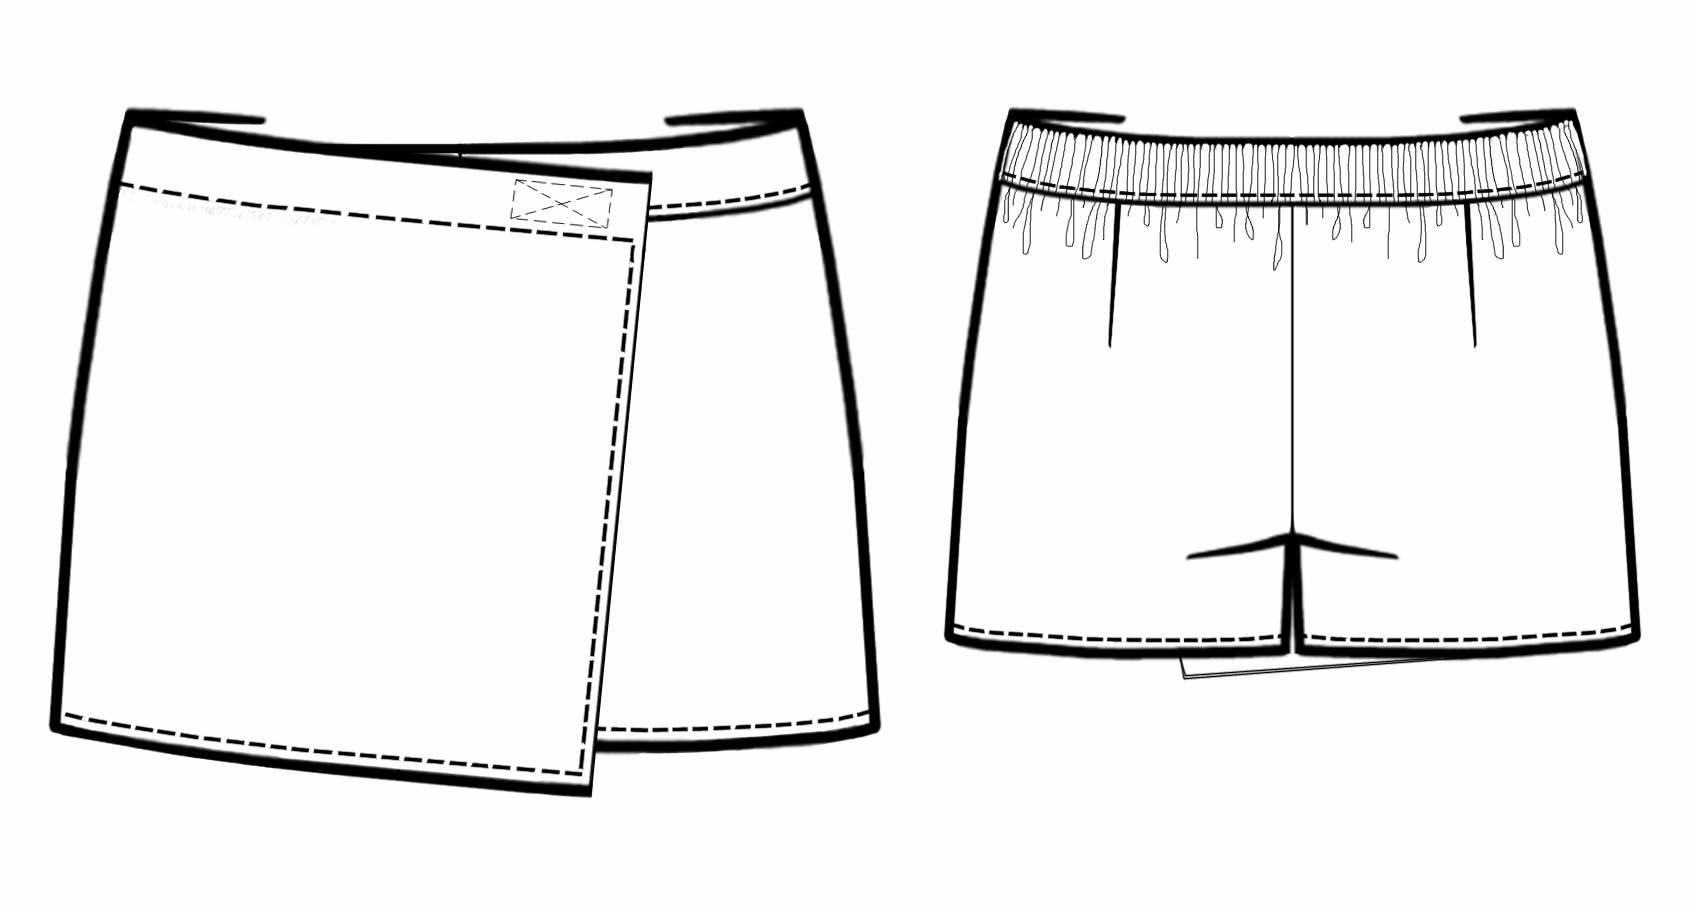 Юбка-шорты для девочки своими руками выкройки